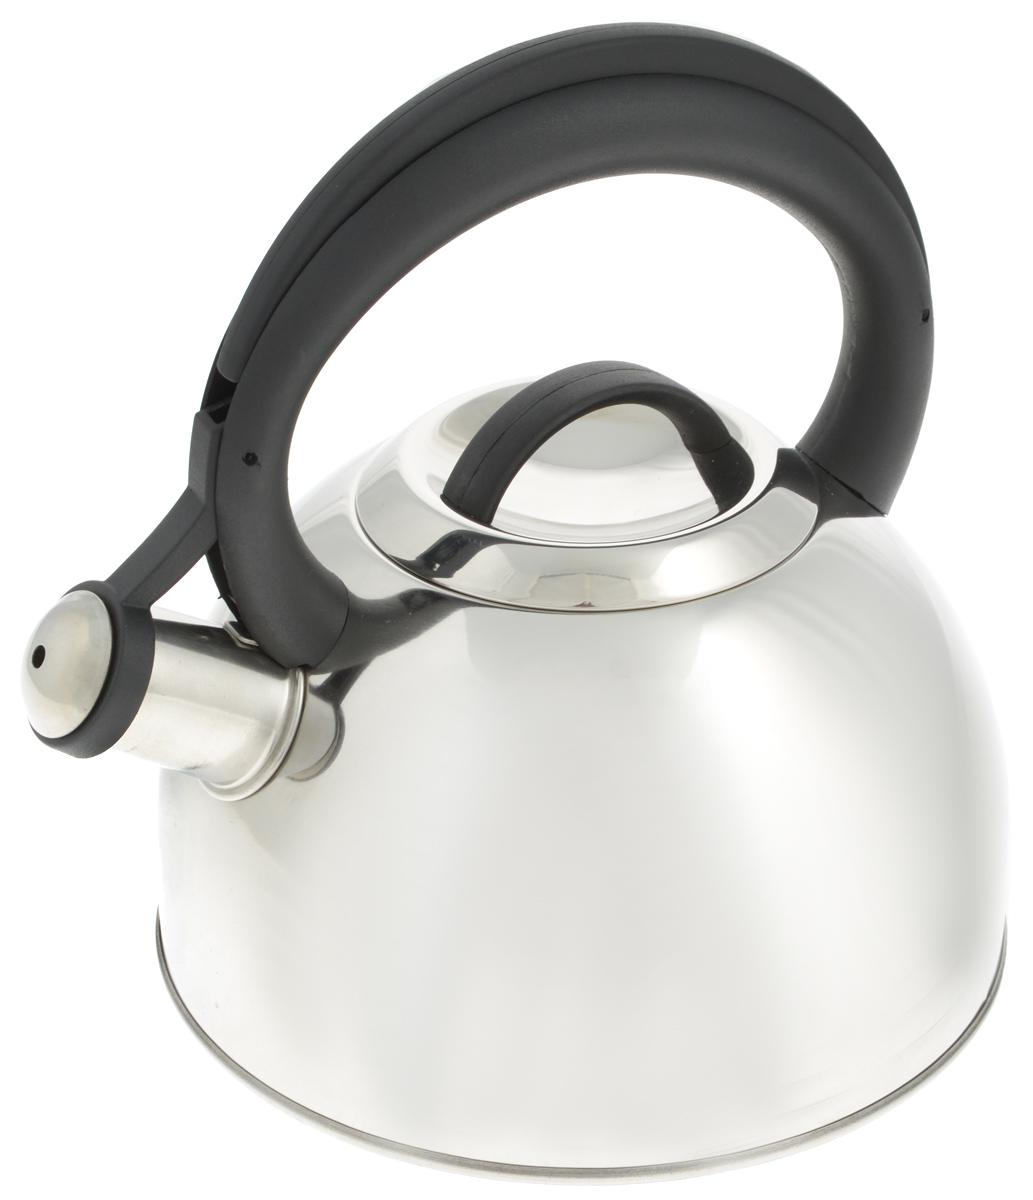 Чайник Tescoma Corona, со свистком, 2 л54 009312Чайник Tescoma Corona изготовлен из высококачественной нержавеющей стали с многослойным дном. Нержавеющая сталь обладает высокой устойчивостью к коррозии, не вступает в реакцию с холодными и горячими продуктами и полностью сохраняет их вкусовые качества. Особая конструкция дна способствует высокой теплопроводности и равномерному распределению тепла. Чайник оснащен жаропрочной пластиковой ручкой. Носик чайника имеет откидной свисток, звуковой сигнал которого подскажет, когда закипит вода. Подходит для всех типов плит, включая индукционные. Диаметр чайника (по верхнему краю): 10 см.Высота чайника (без учета ручки и крышки): 11,5 см.Высота чайника (с учетом ручки): 23 см.